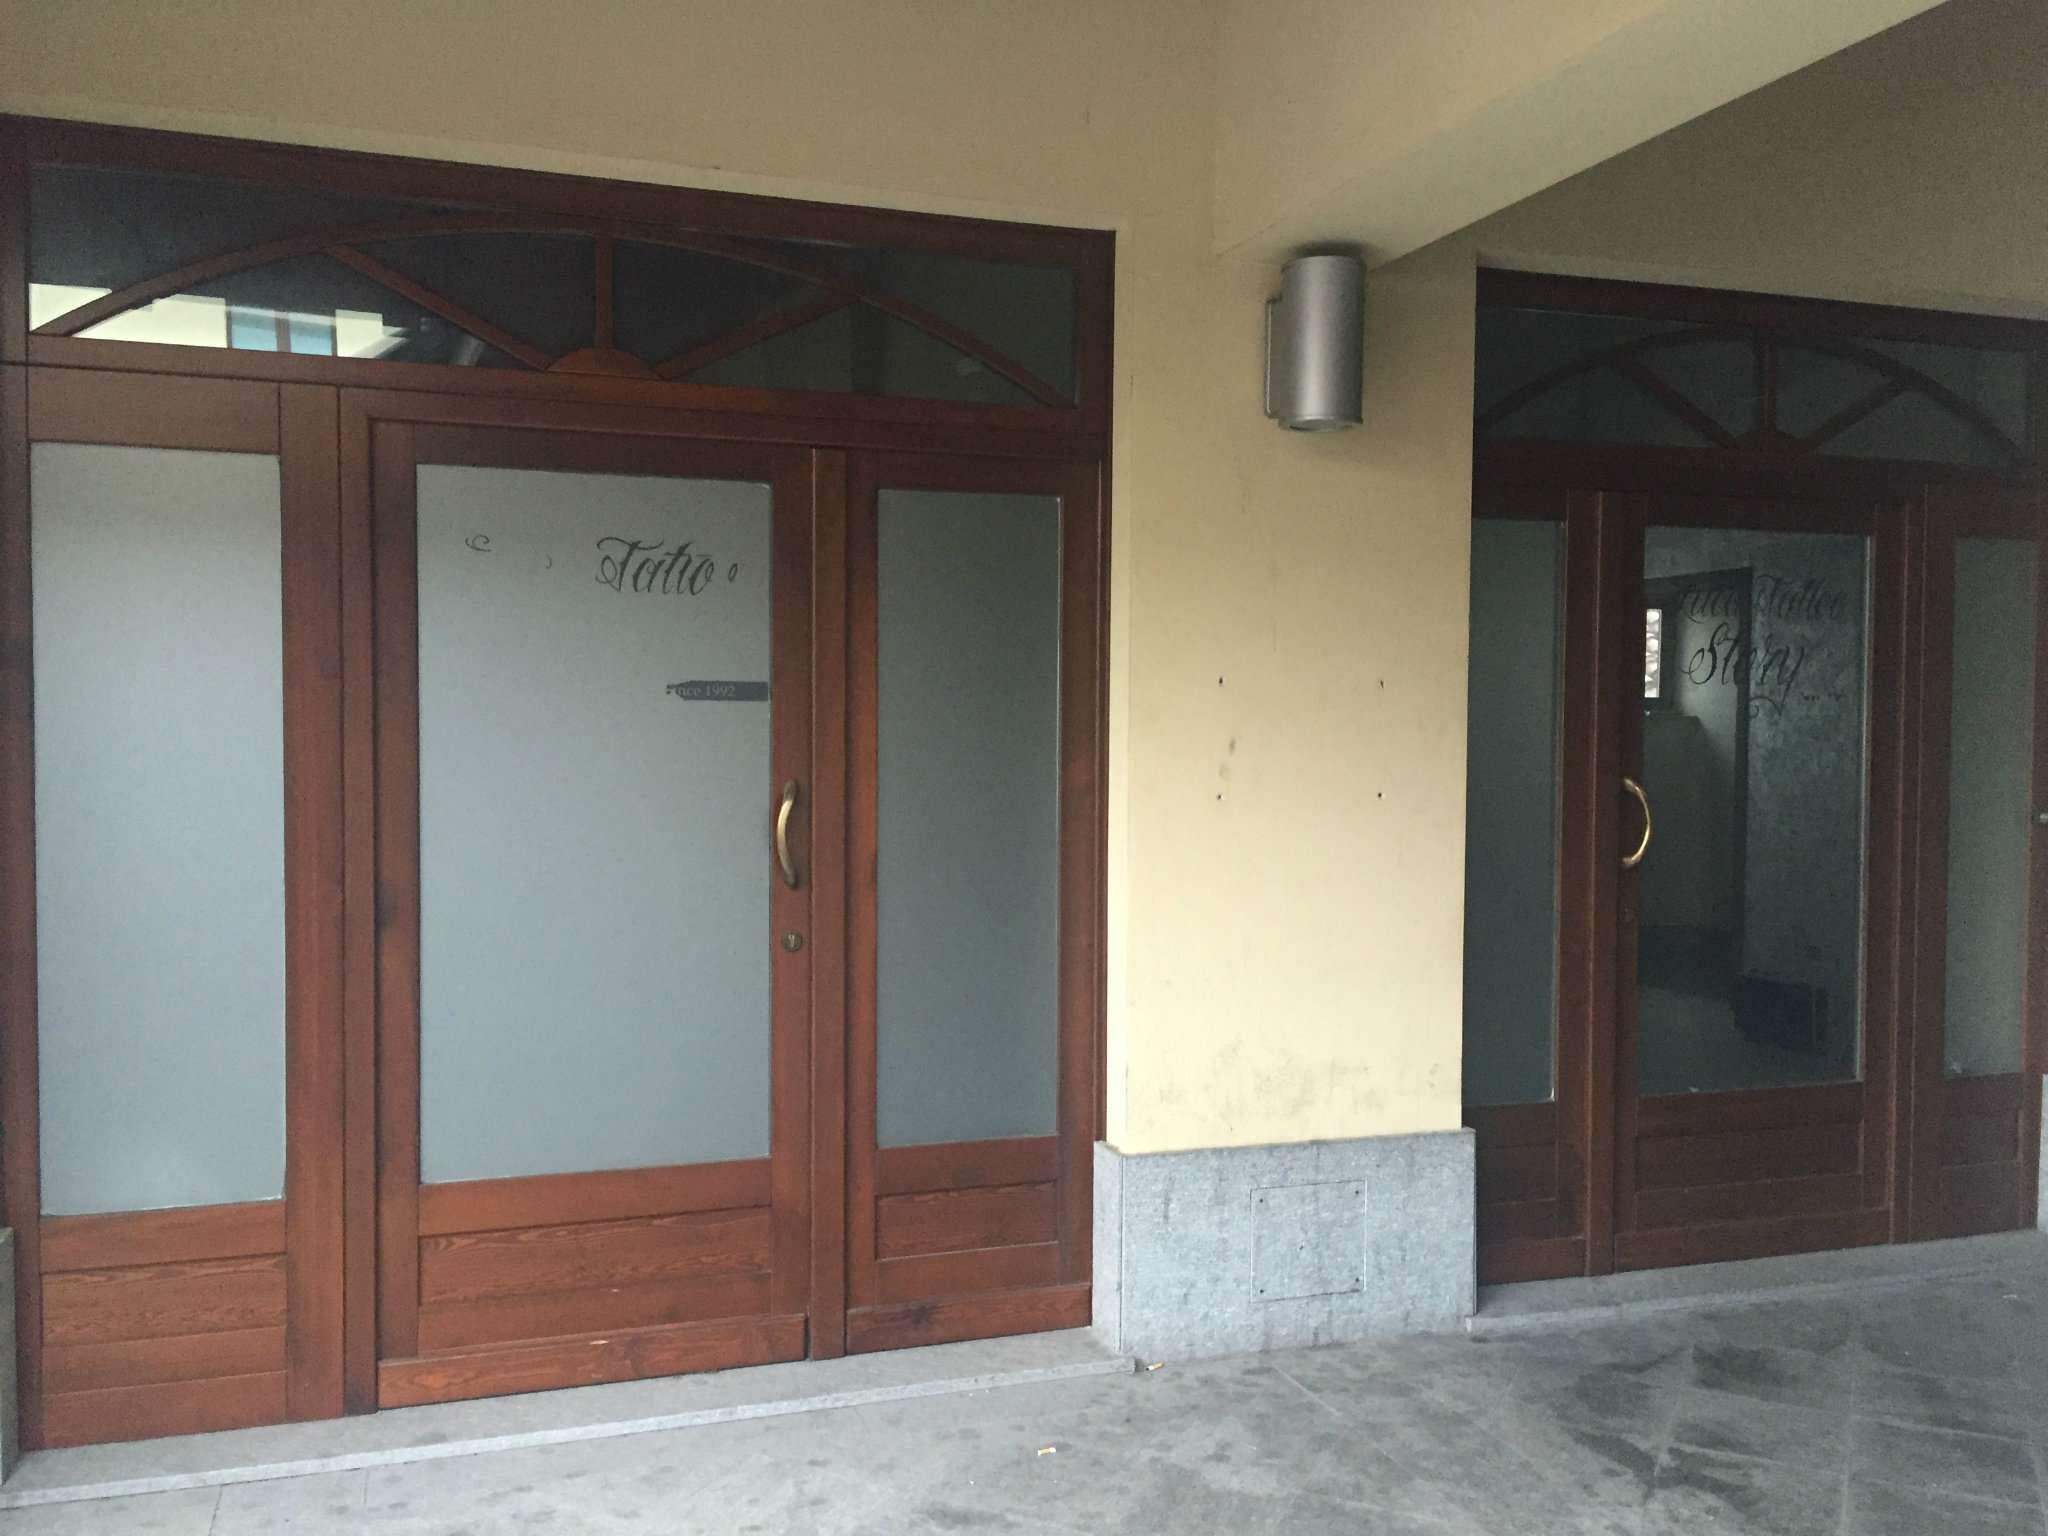 Negozio / Locale in vendita a Volpiano, 2 locali, prezzo € 43.400 | Cambio Casa.it